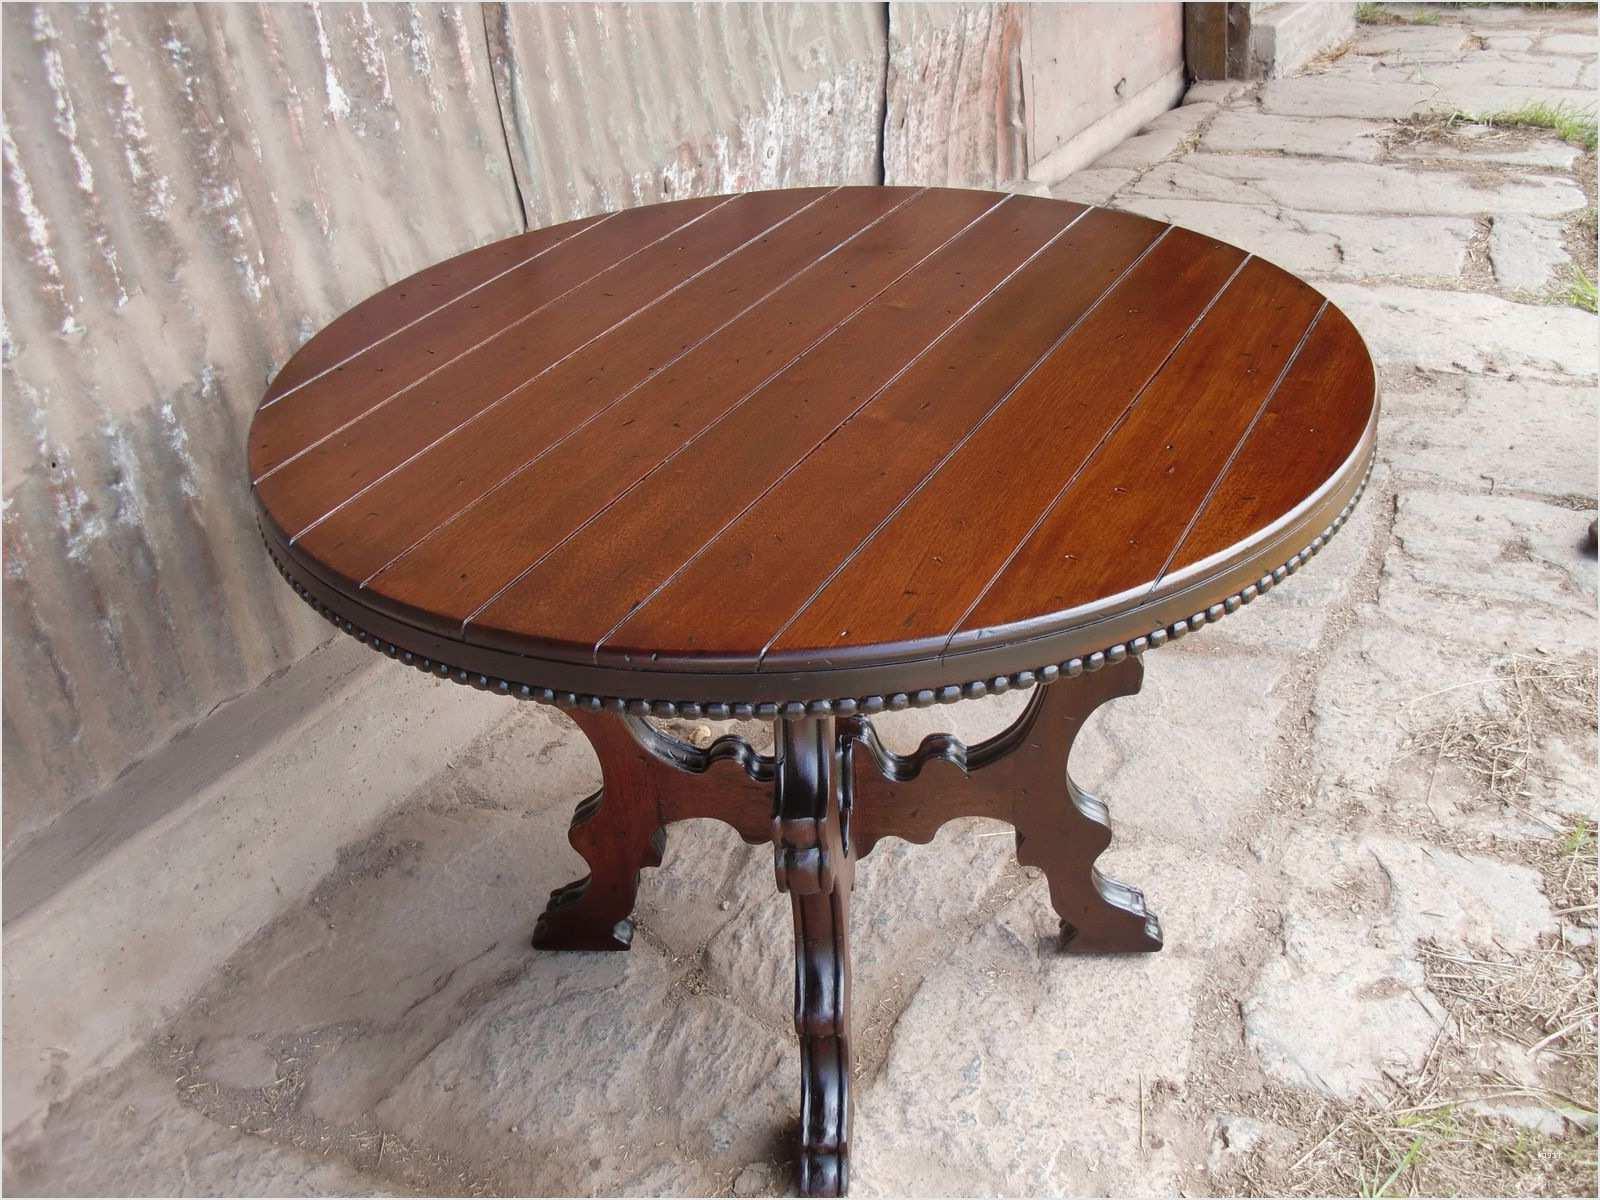 4 Opciones Para Restaurar Muebles De Madera O2d5 Restaurar Muebles Enchapados Restauracià N De Metales Latà N Cobre